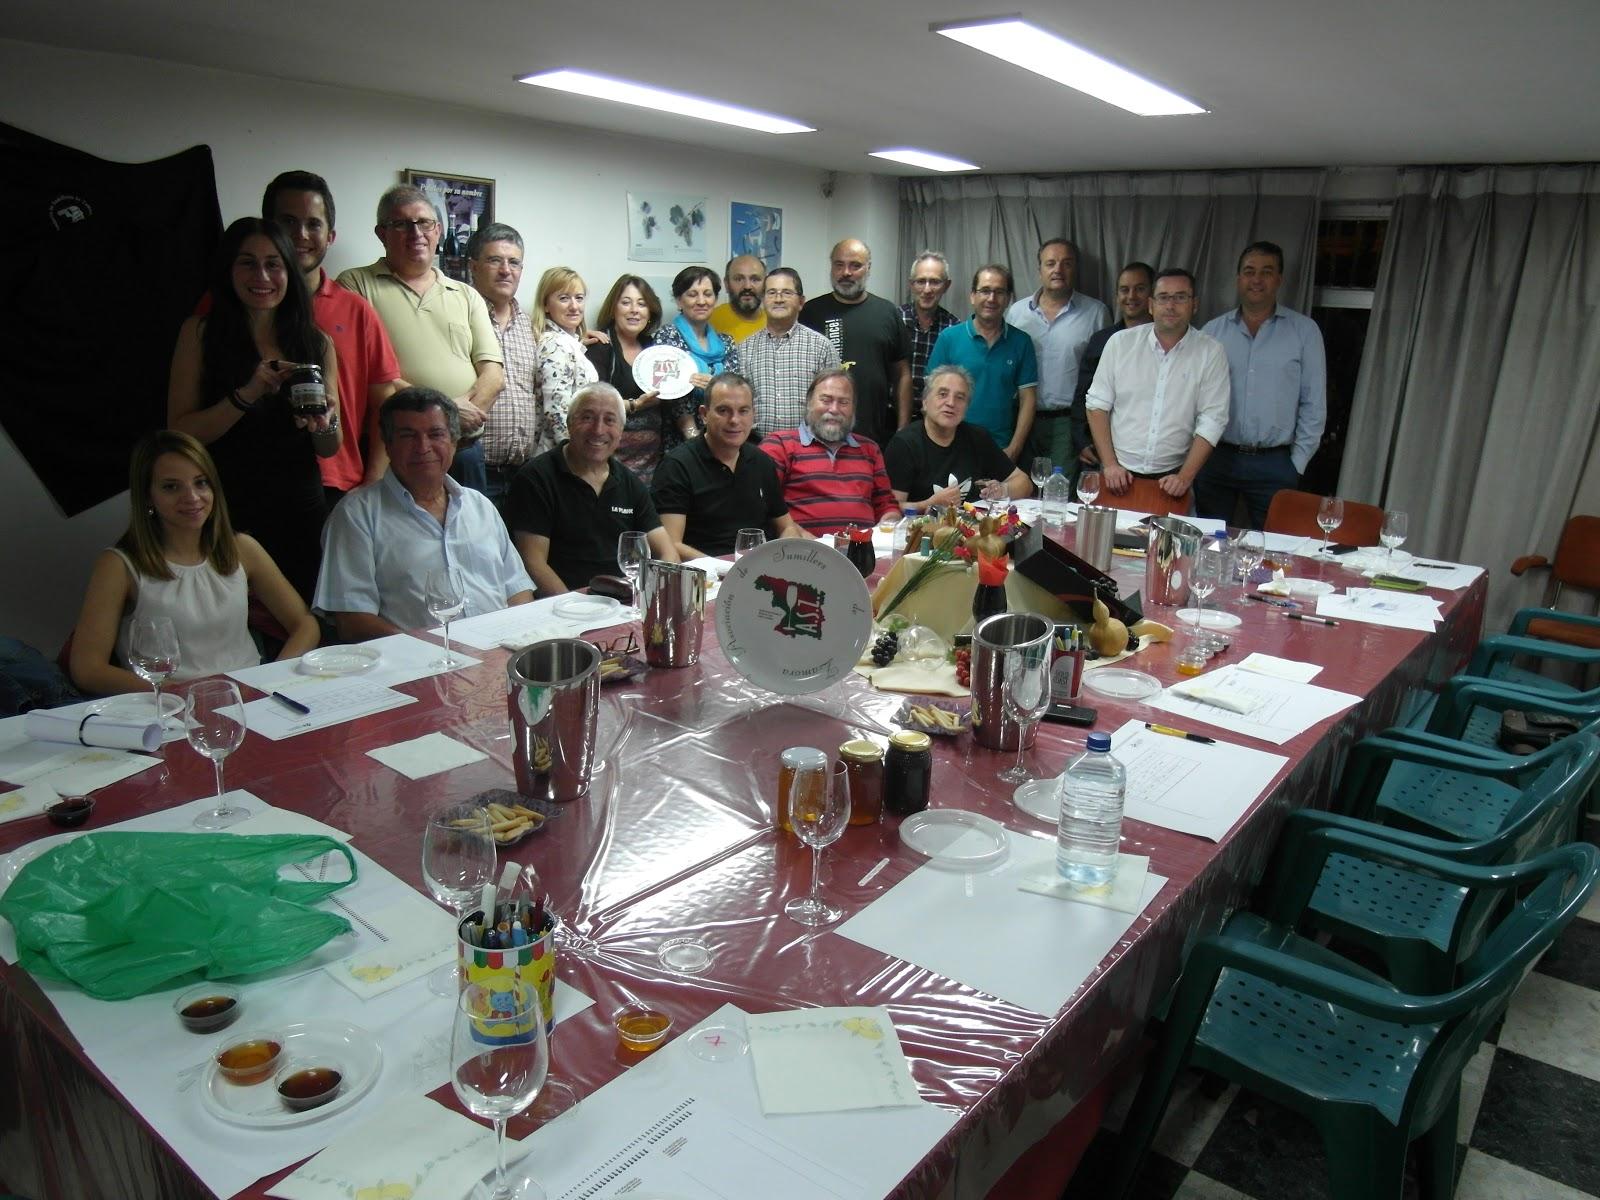 Asociación de sumilleres de Zamora Las Obreras de Aliste